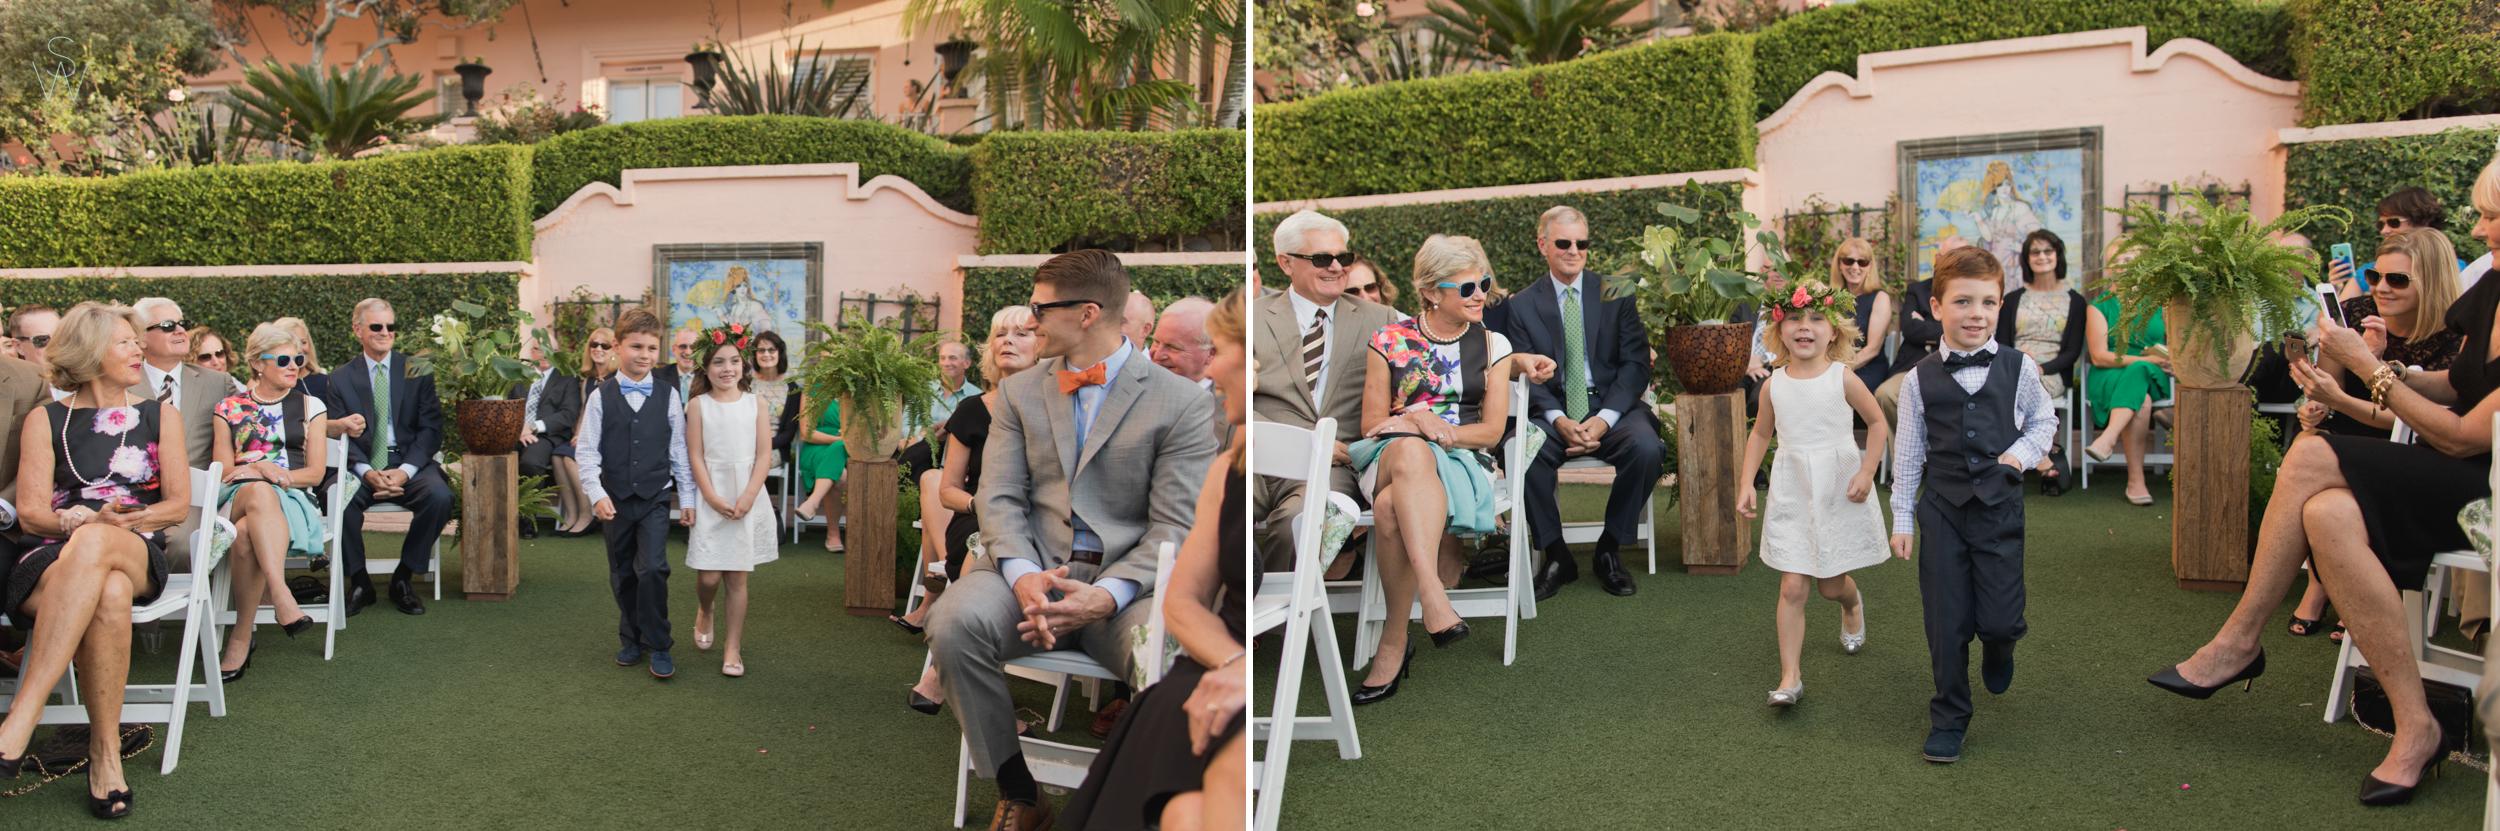 Colleen.Kyle20190122Shewanders.granddelmar.wedding 0470.jpg